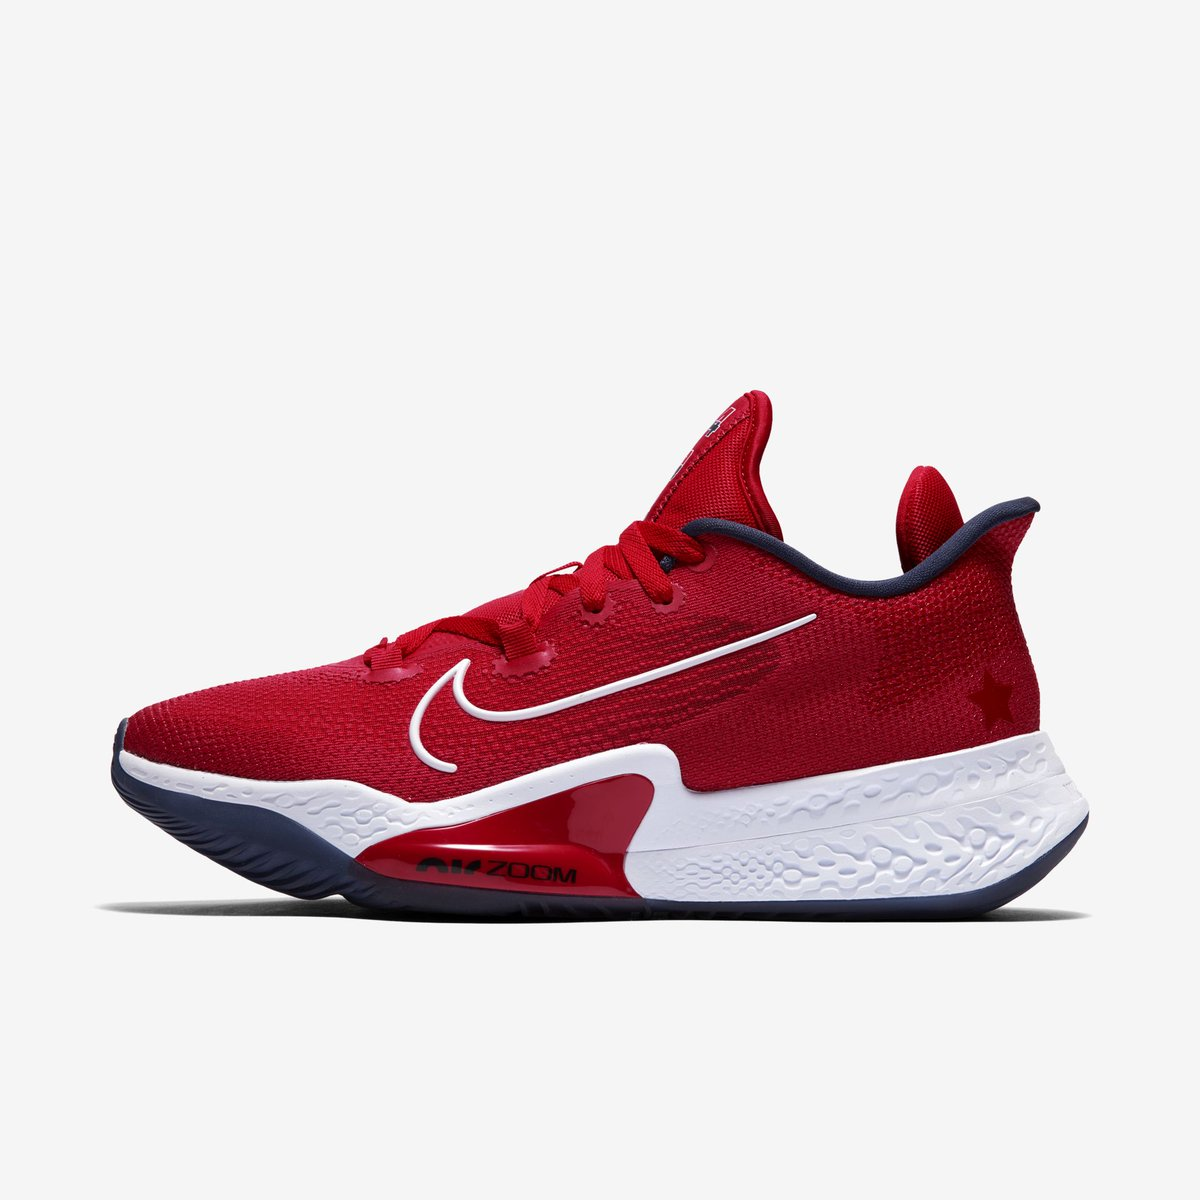 """NEW Nike Air Zoom BB NXT """"USA"""" Nike -> go.j23app.com/iqw Foot Locker -> go.j23app.com/iqs Eastbay -> go.j23app.com/iqt Finish Line -> go.j23app.com/iqu JD Sports -> go.j23app.com/iqv"""